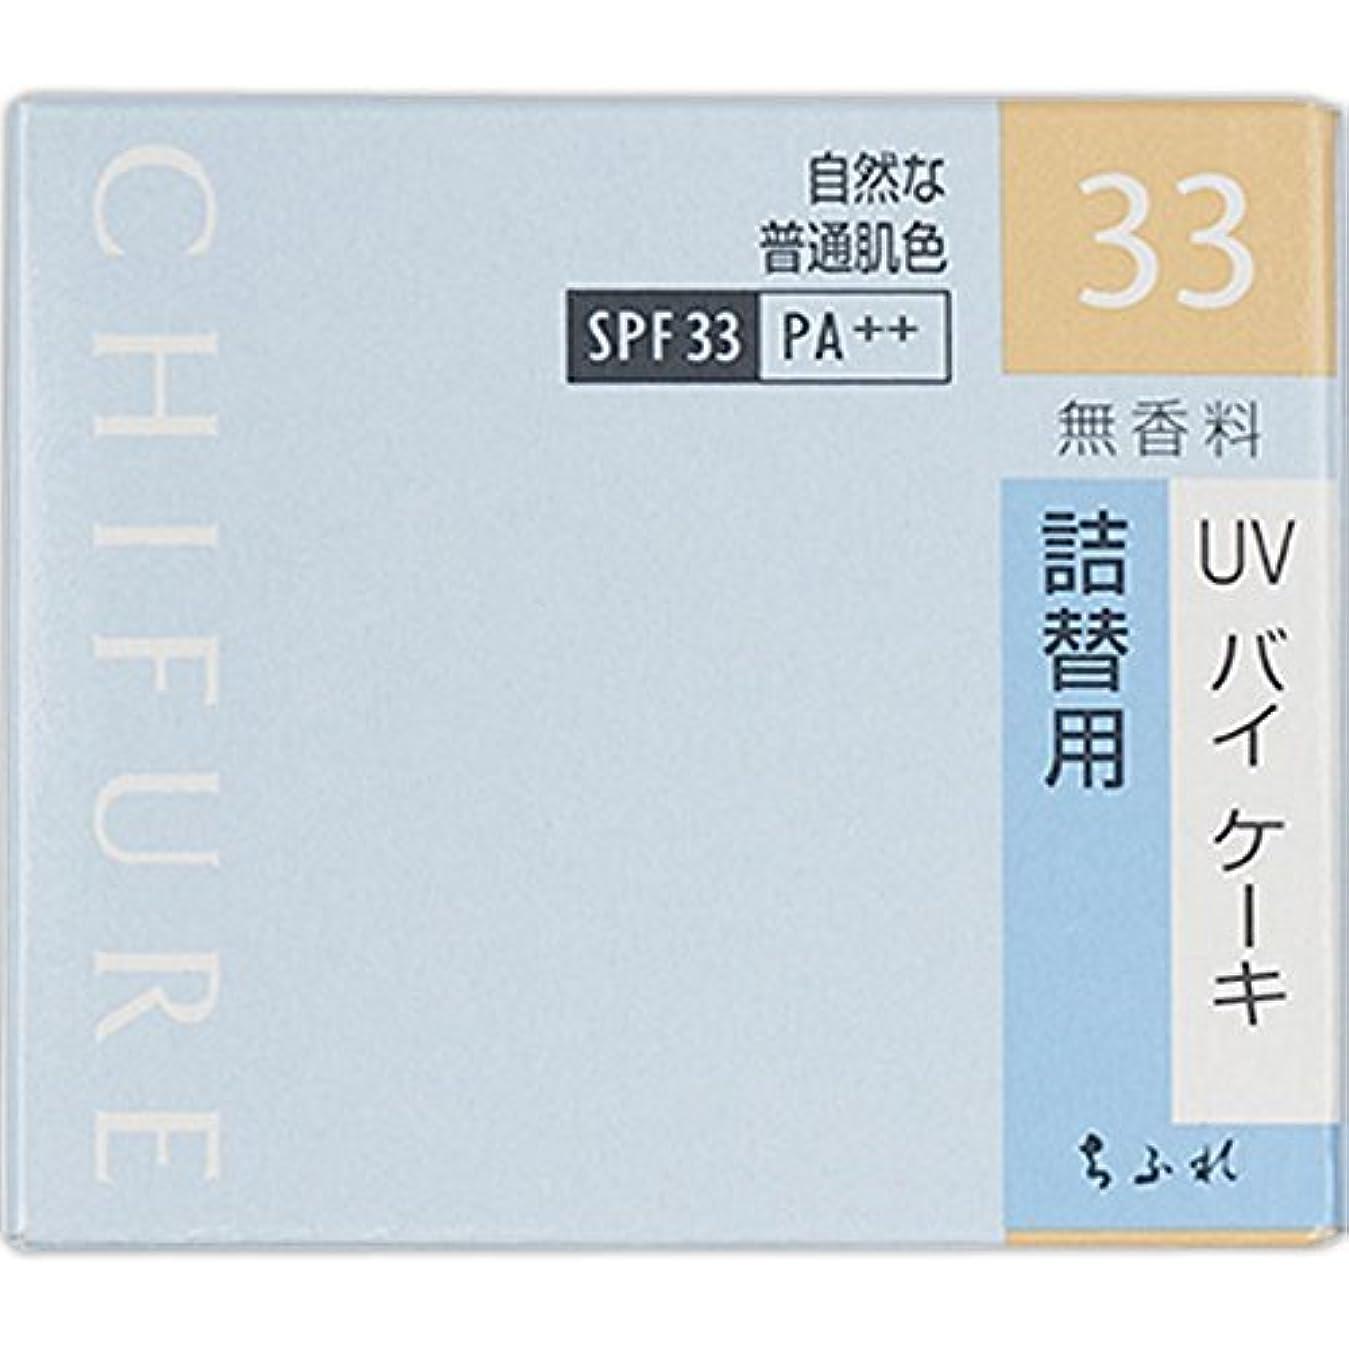 ブロー外観文房具ちふれ化粧品 UV バイ ケーキ 詰替用 33 自然な普通肌色 14g